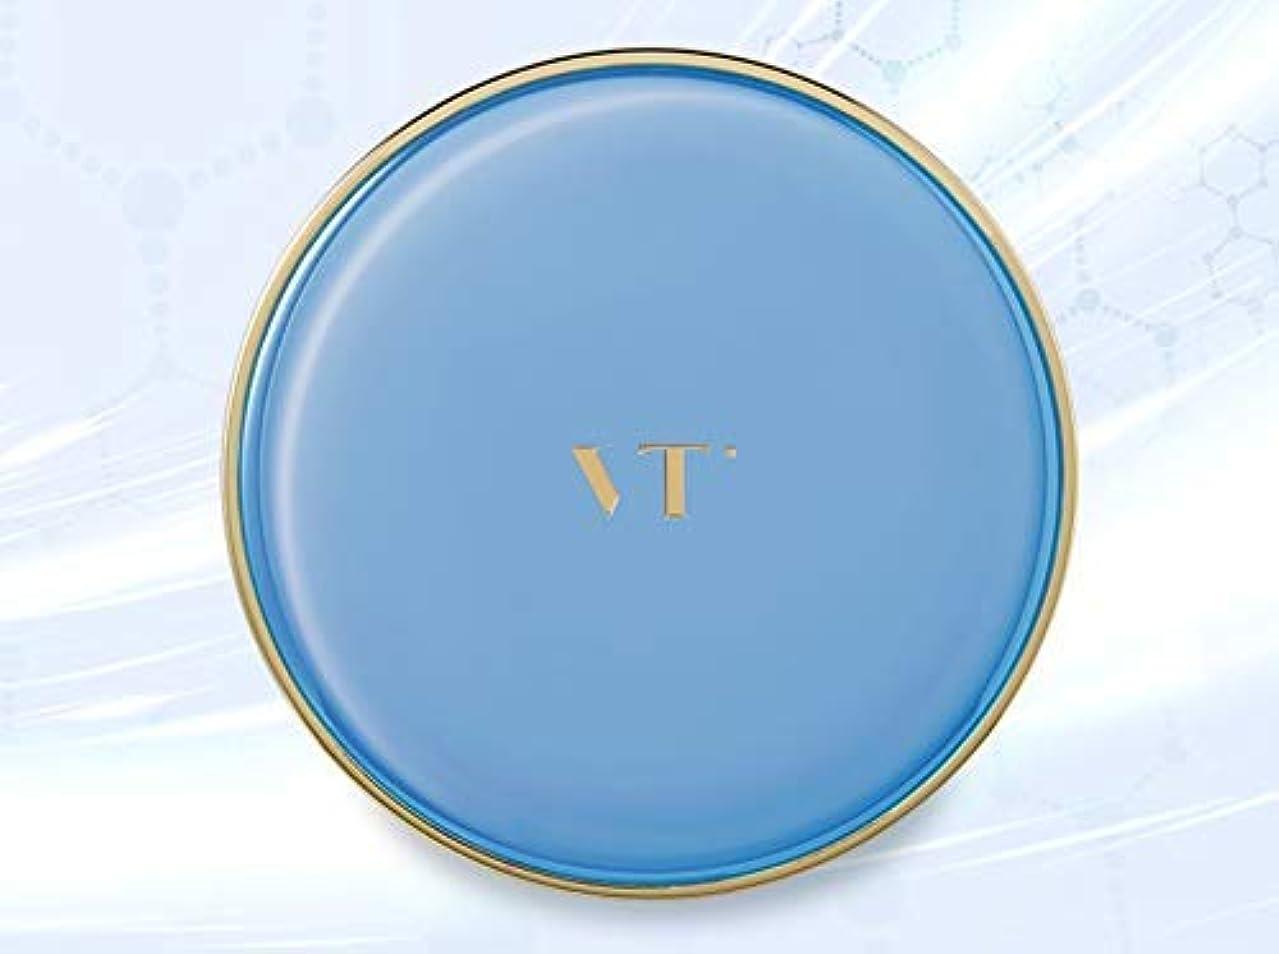 暗殺するなんとなくゴールドVT ブルービタコラーゲンファクト SPF50+ PA+++ 11g 23号 / VT BLUE VITA COLLAGEN PACT 0.38 OZ [並行輸入品]